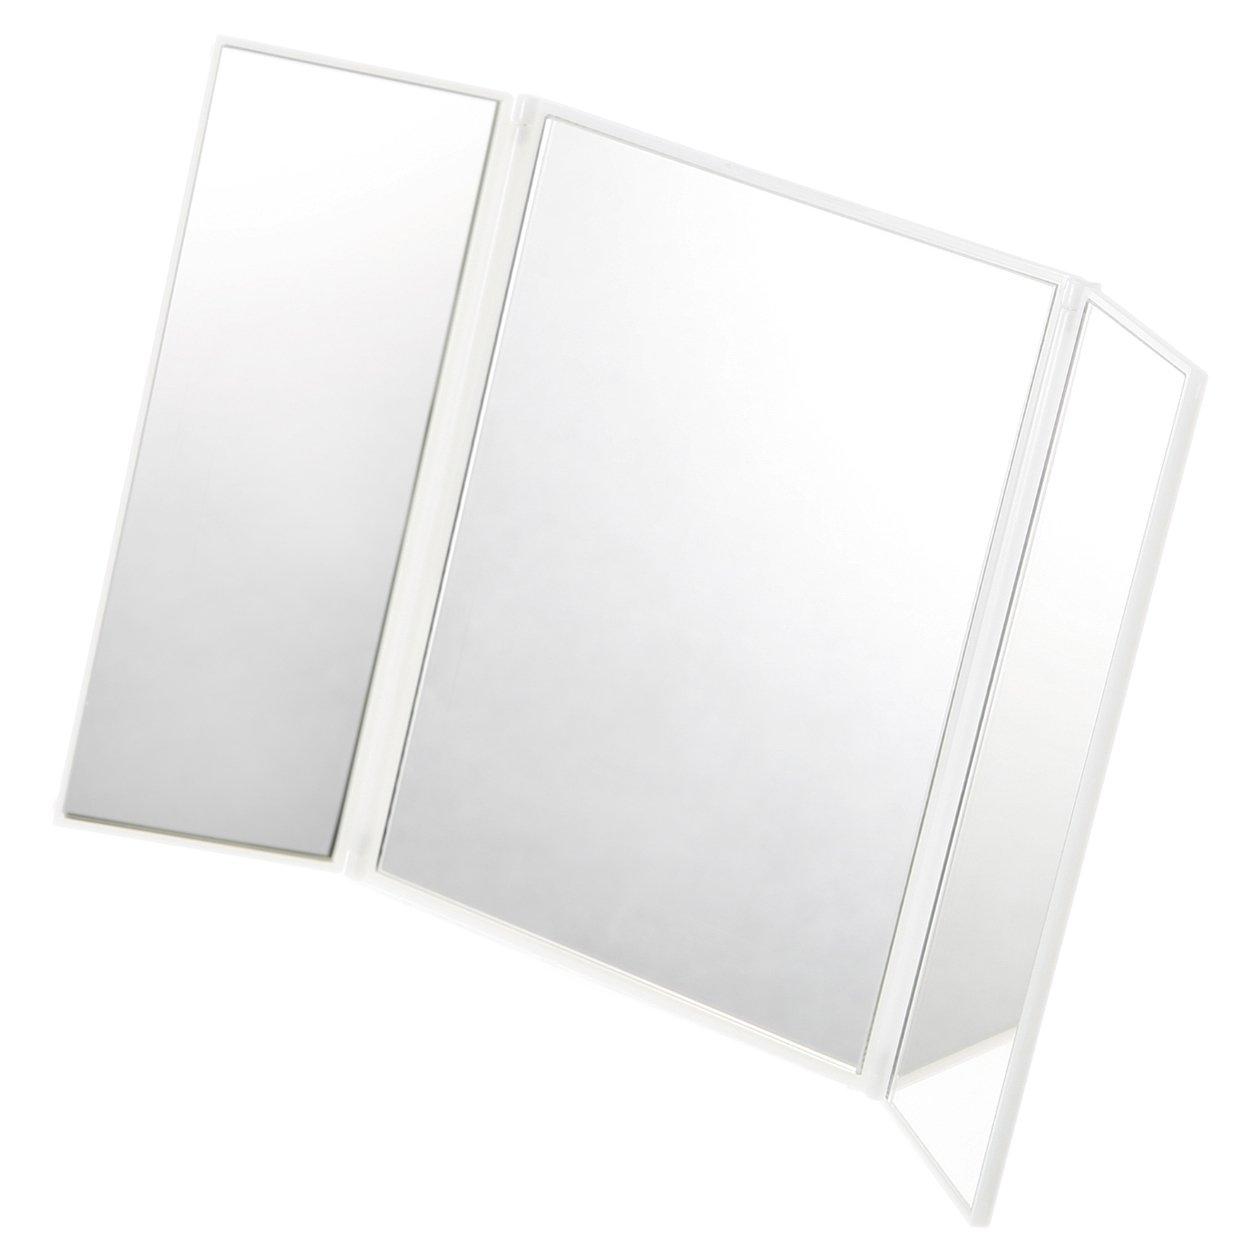 MUJI Folding Three Panel Mirror